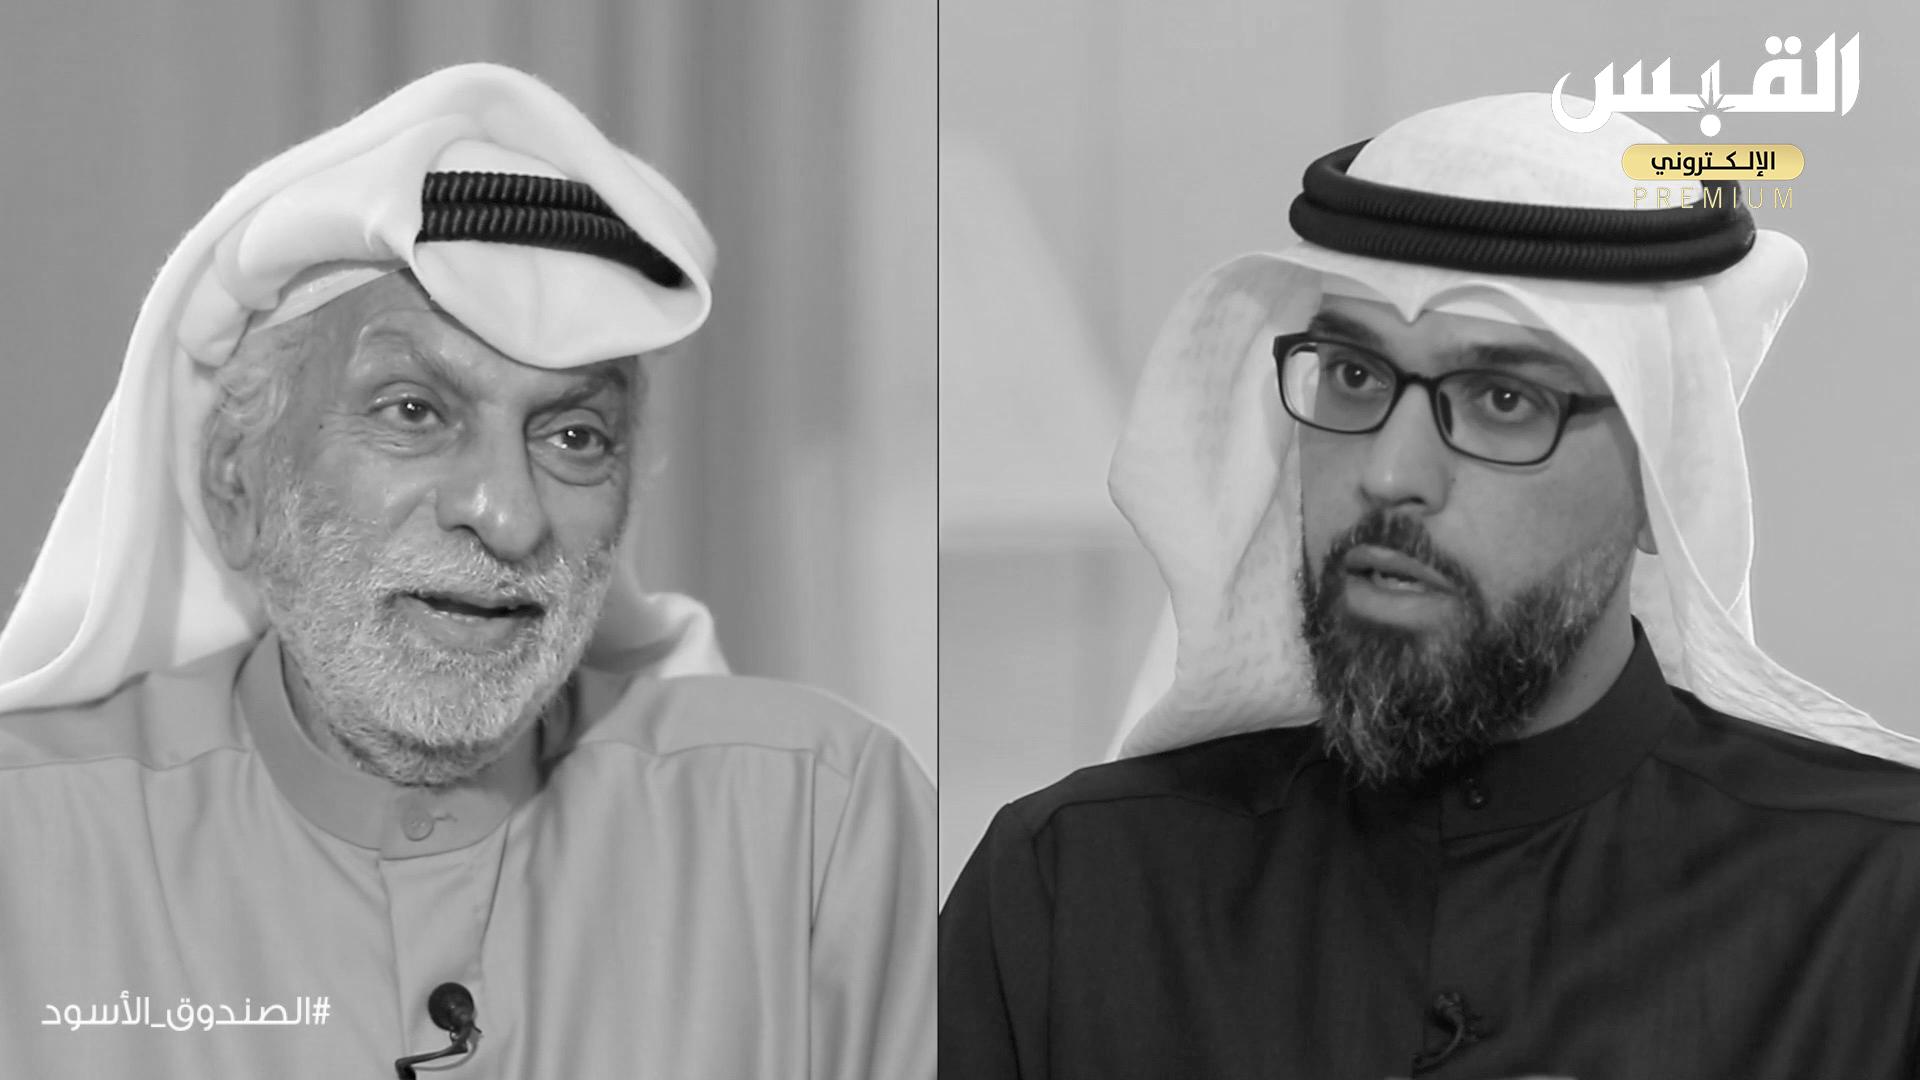 حصرياً.. الجزء 17 و 18 من سلسلة حلقات د. عبدالله النفيسي